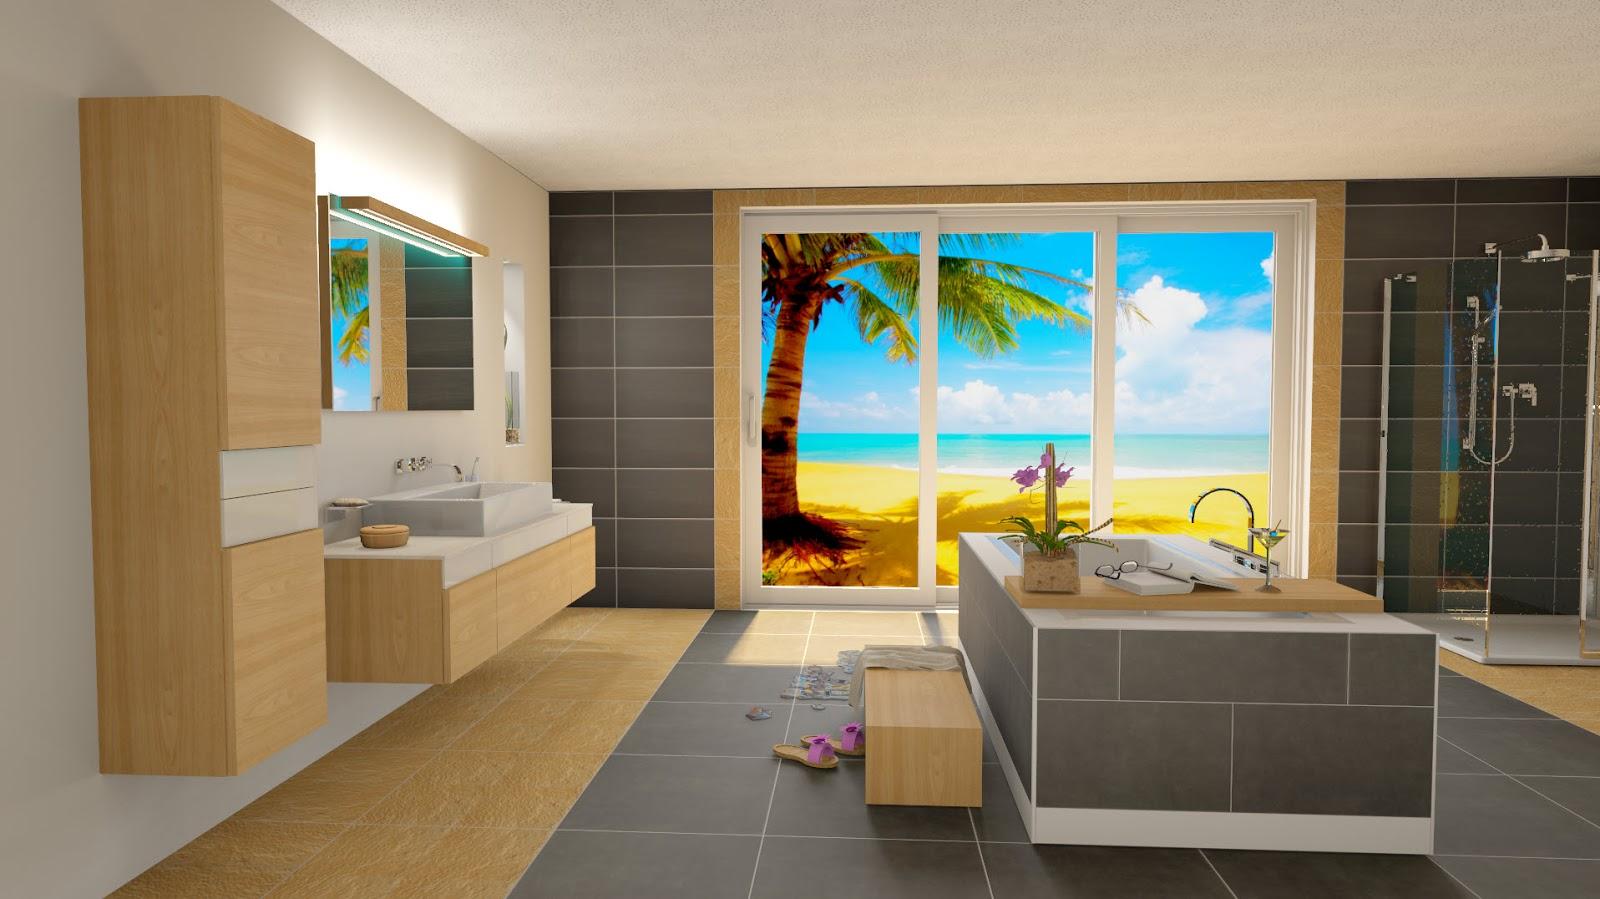 palette cad international blog july 2013. Black Bedroom Furniture Sets. Home Design Ideas